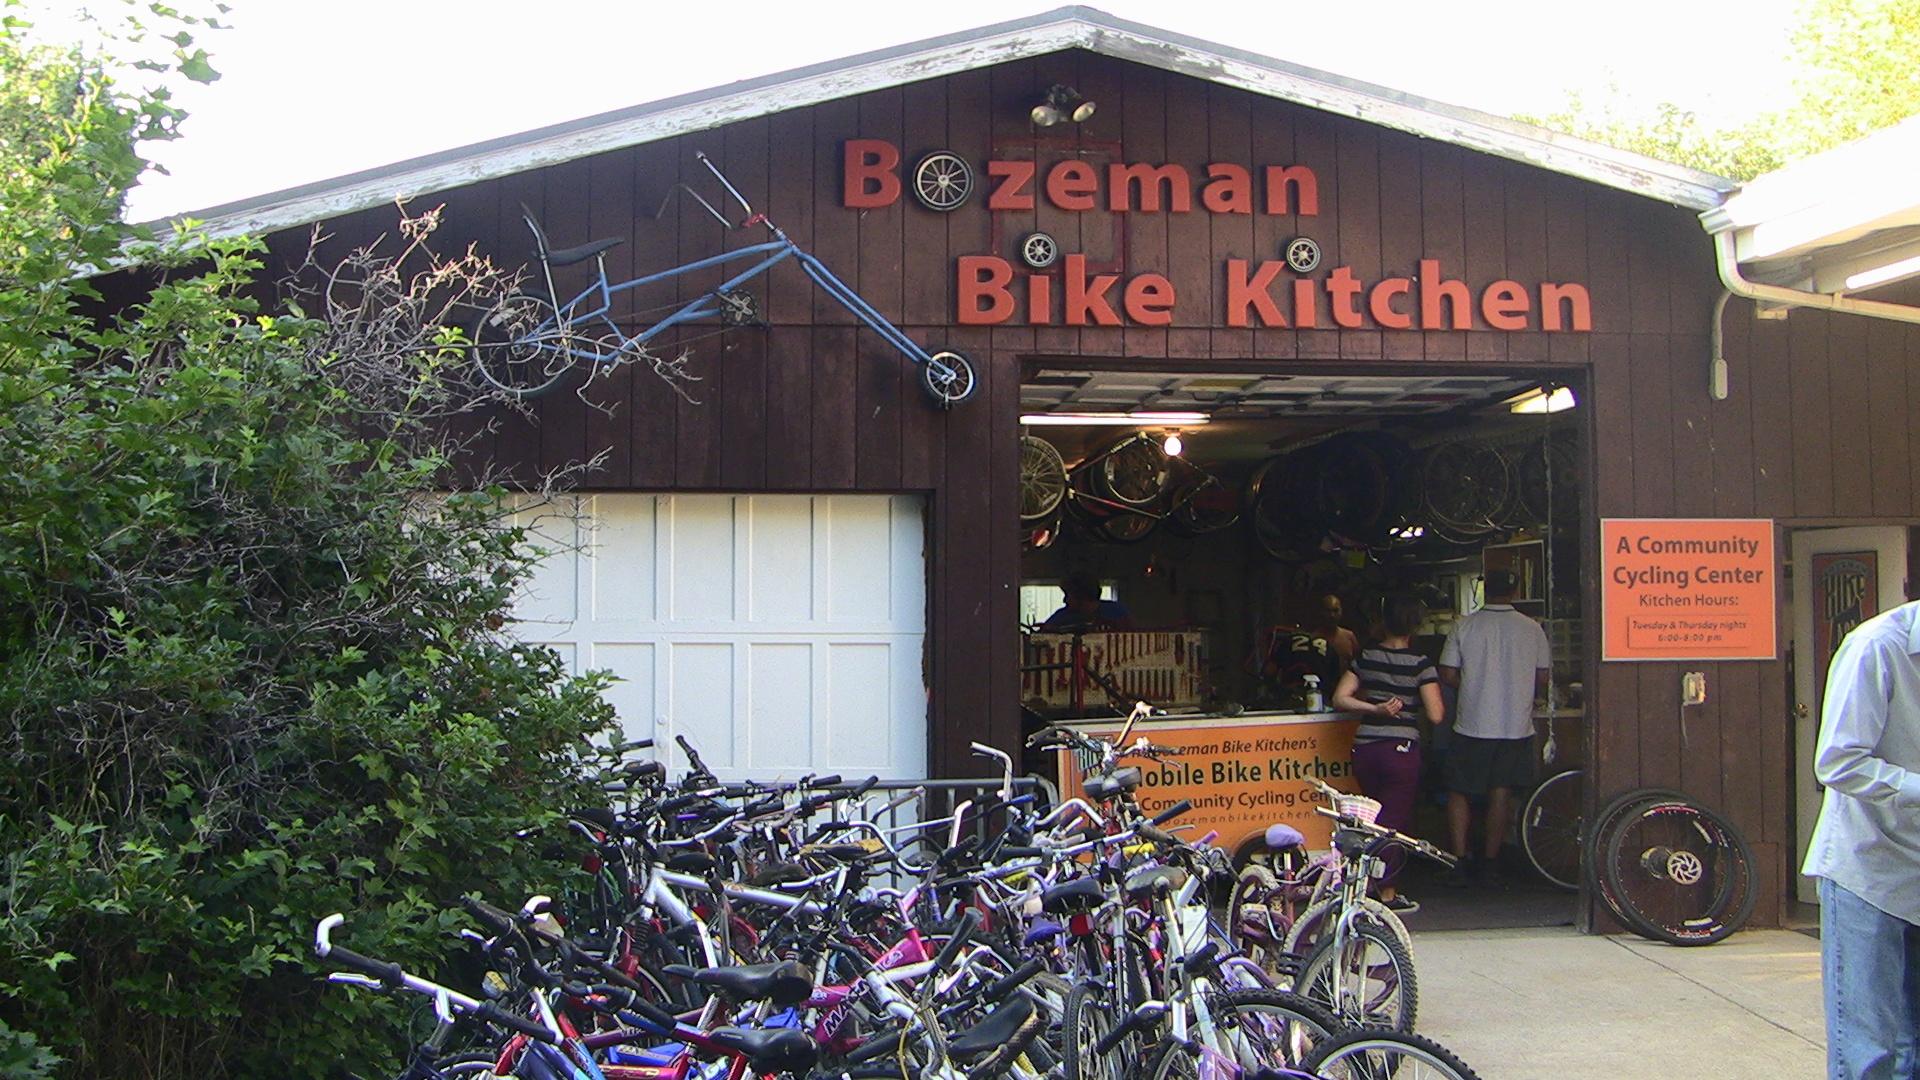 Bozeman Bike Kitchen